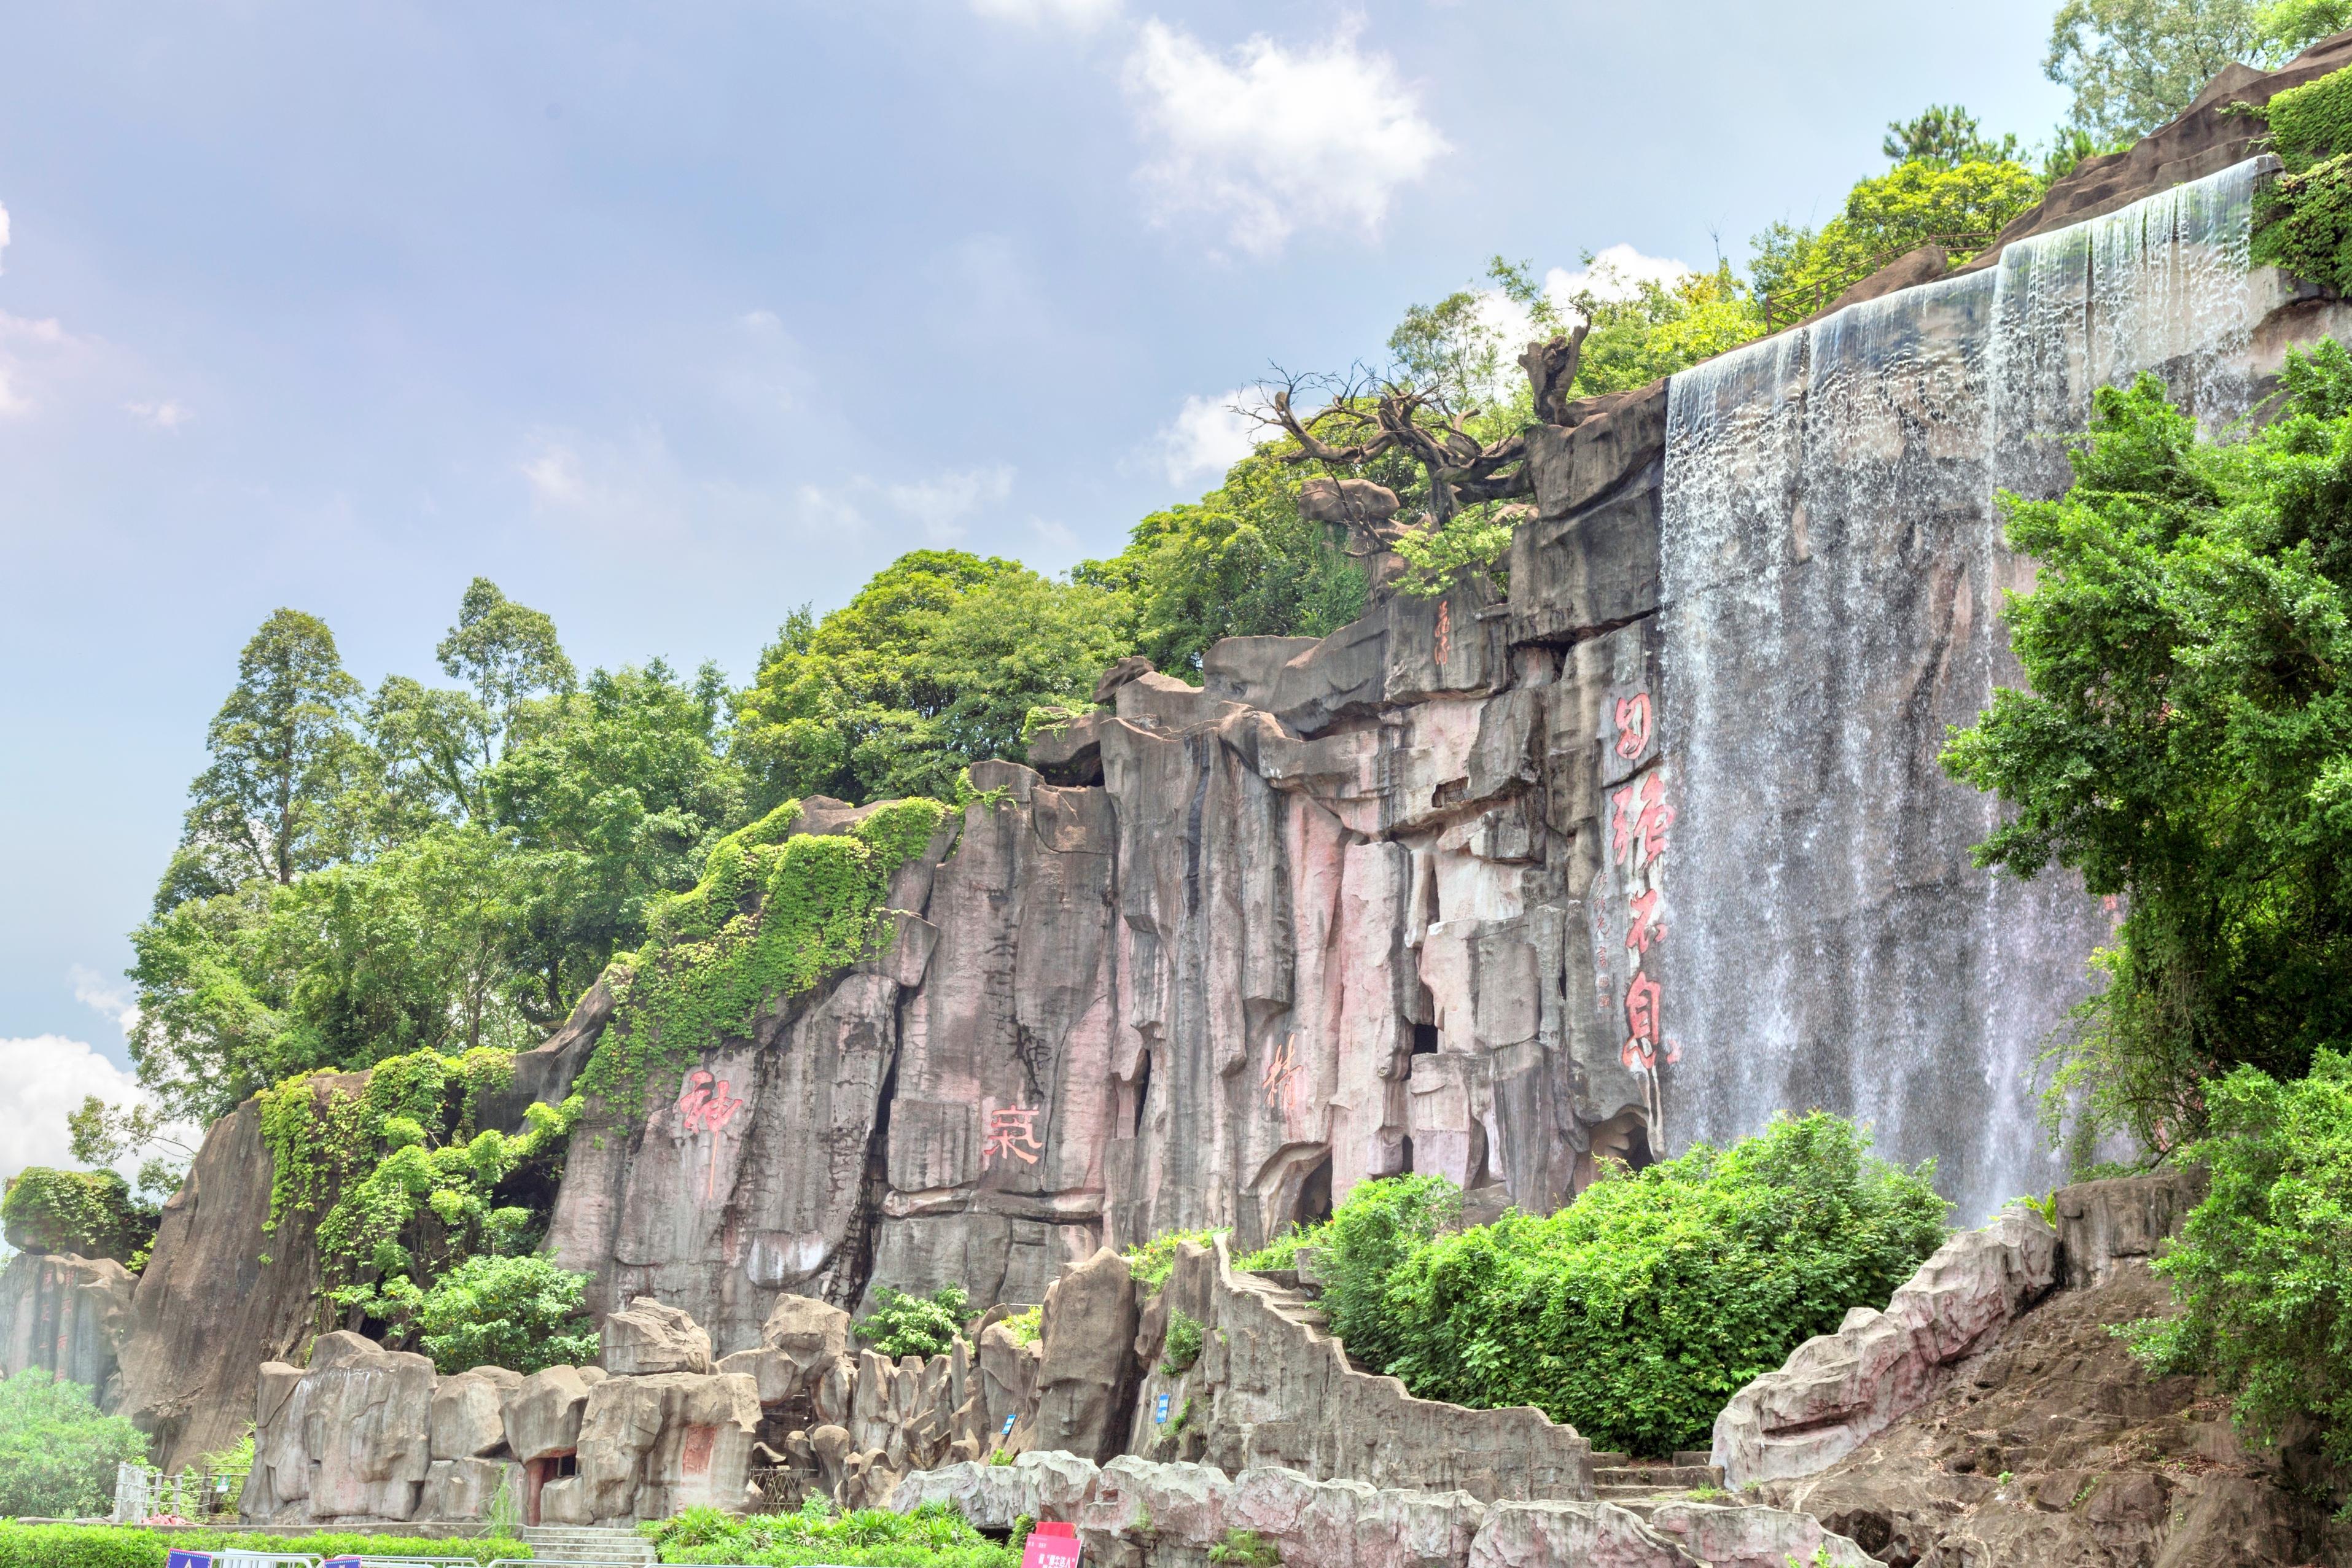 Shunde Ecological Paradise